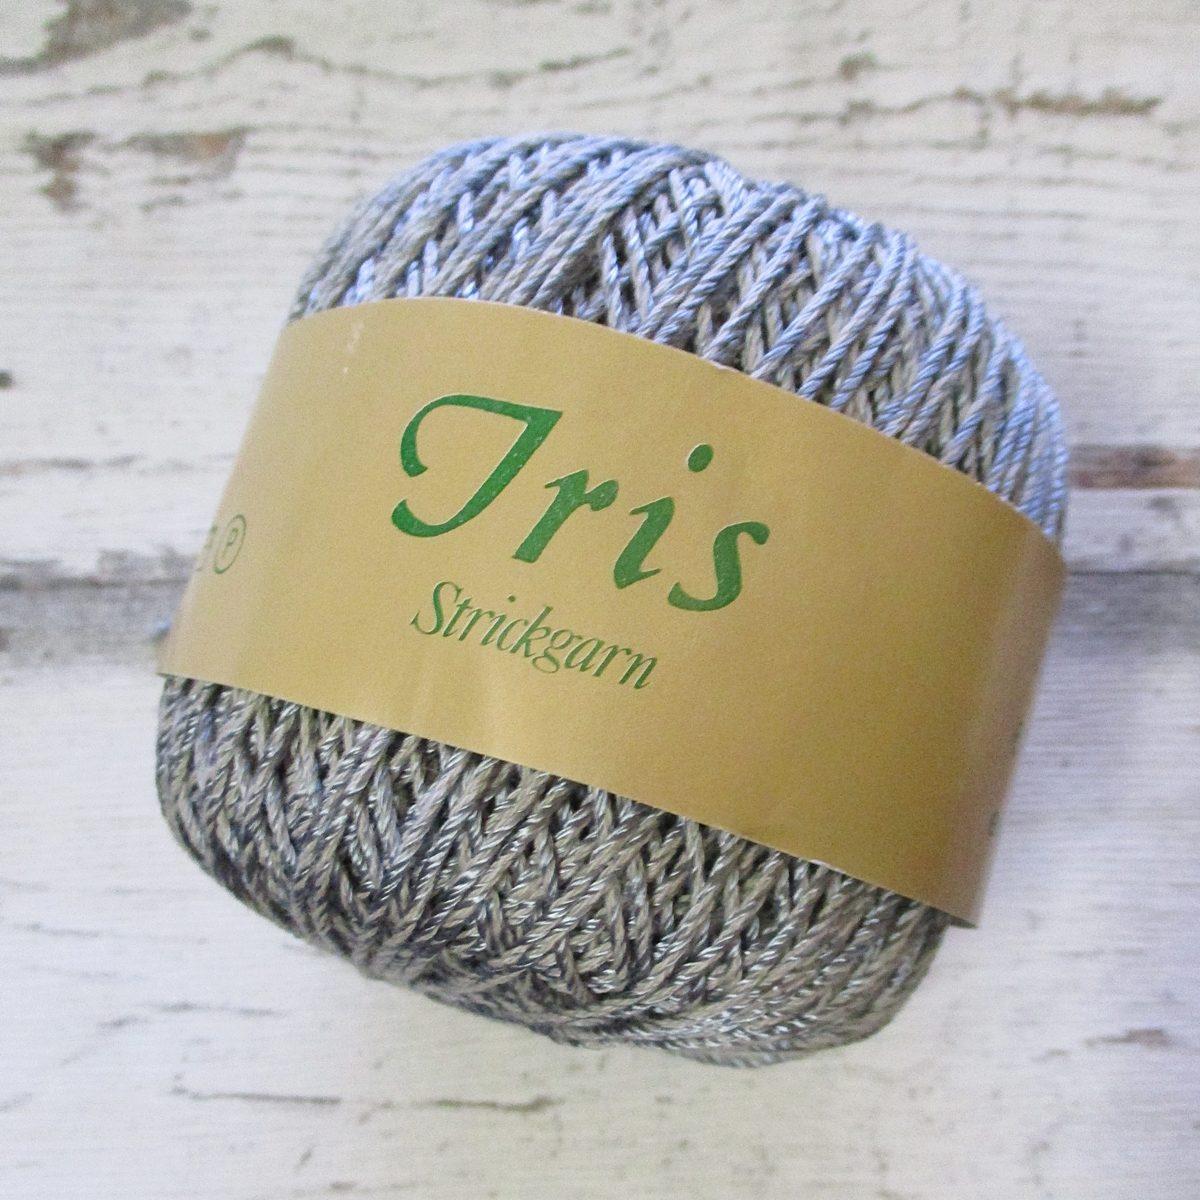 Wolle Strickgarn Iris 67%Viskose 33umwolle Farbe_19 grau - Woolnerd